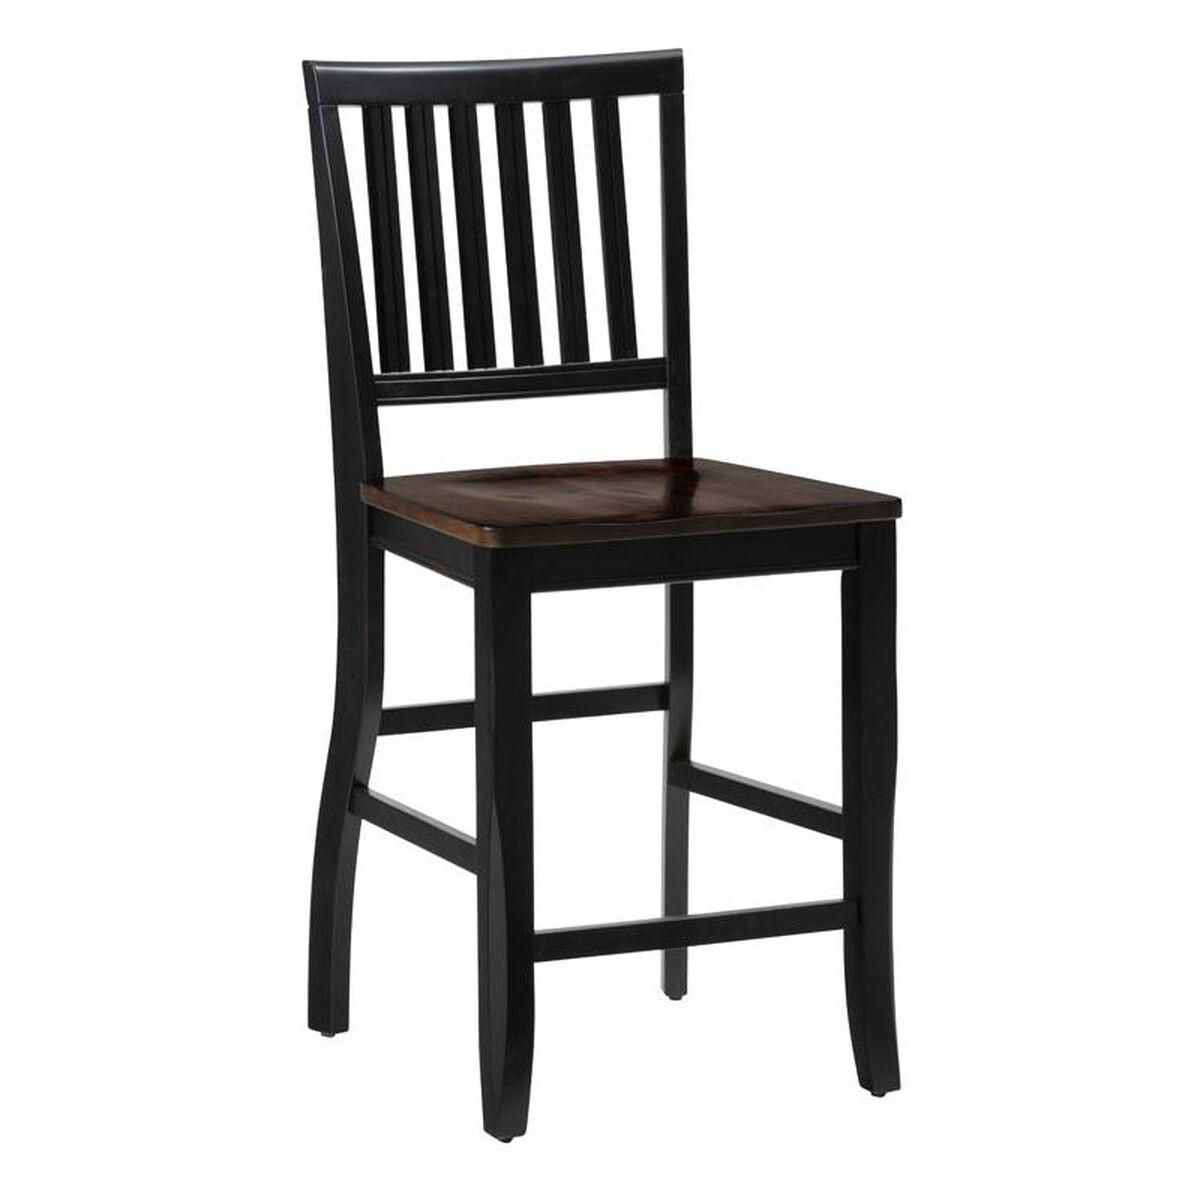 birch counter height chair 272 bs219kd bizchair com